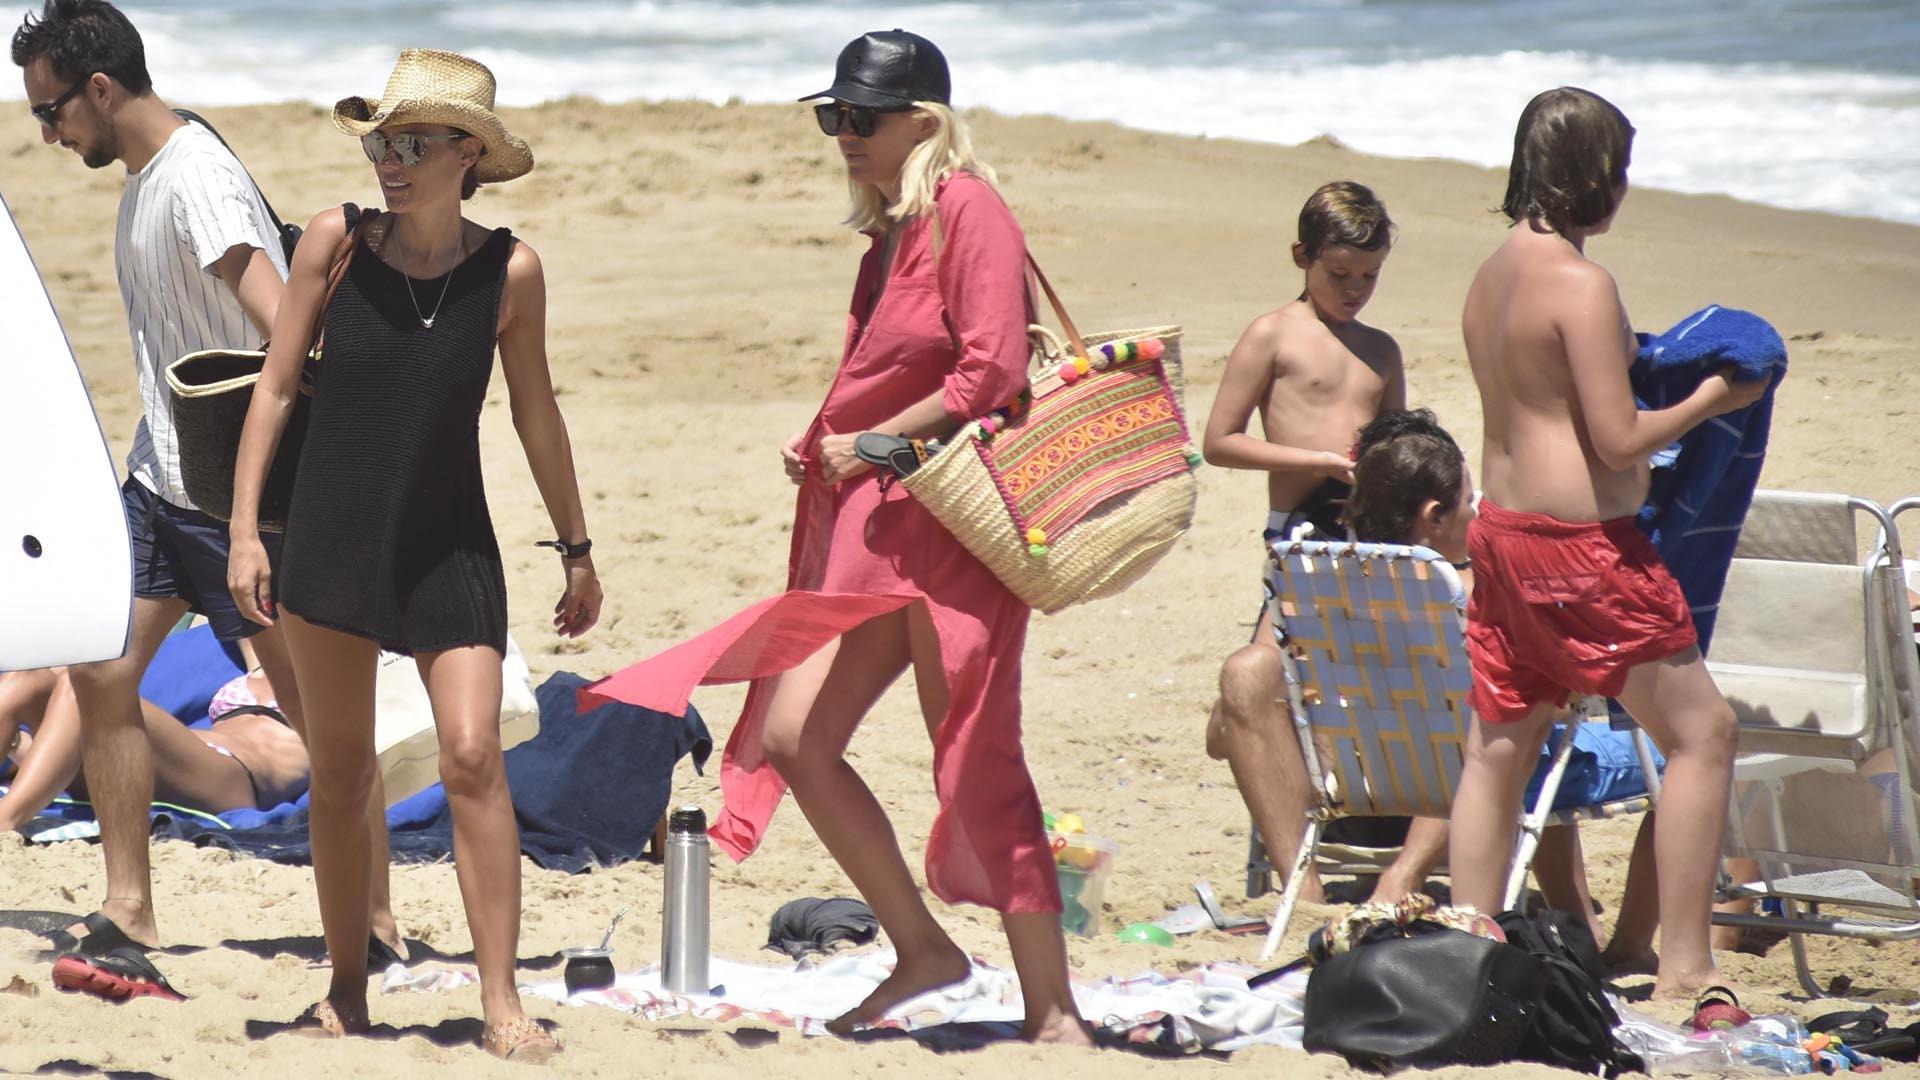 Pampita y Barbie Simons con sus canastos personalizados. Pampita eligió el pintado en negro y beige y Barbie el clásico beige con bordado hippie-chic.